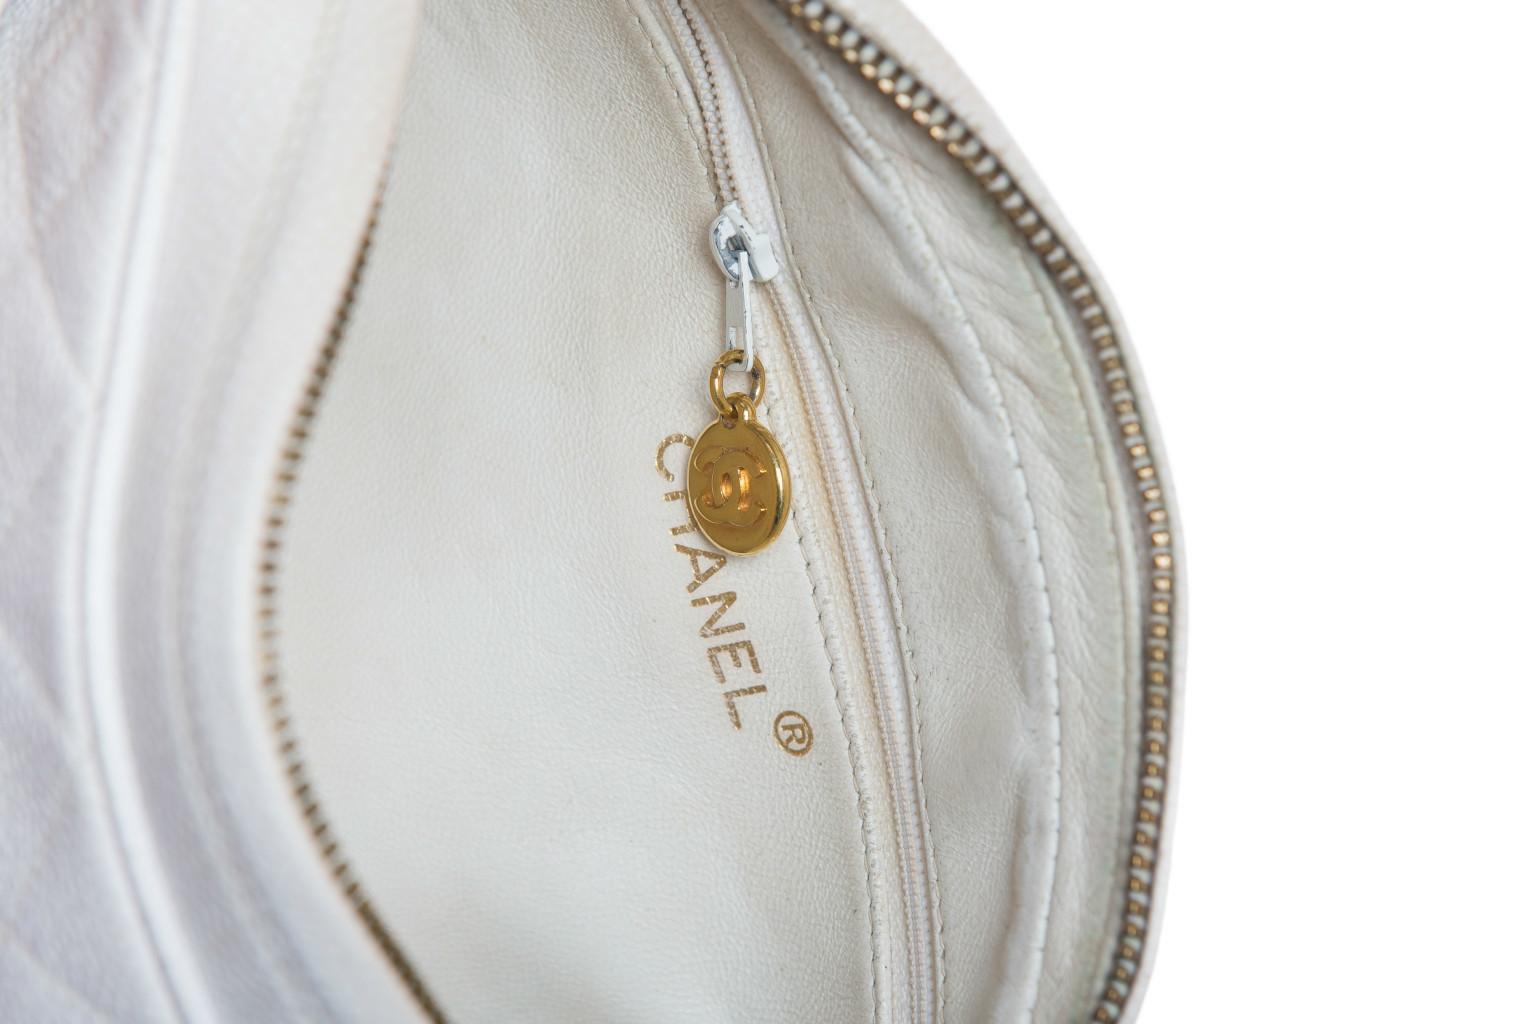 Красивая сумка из белой кожи с прострочкой и декоративной кистью от Chanel